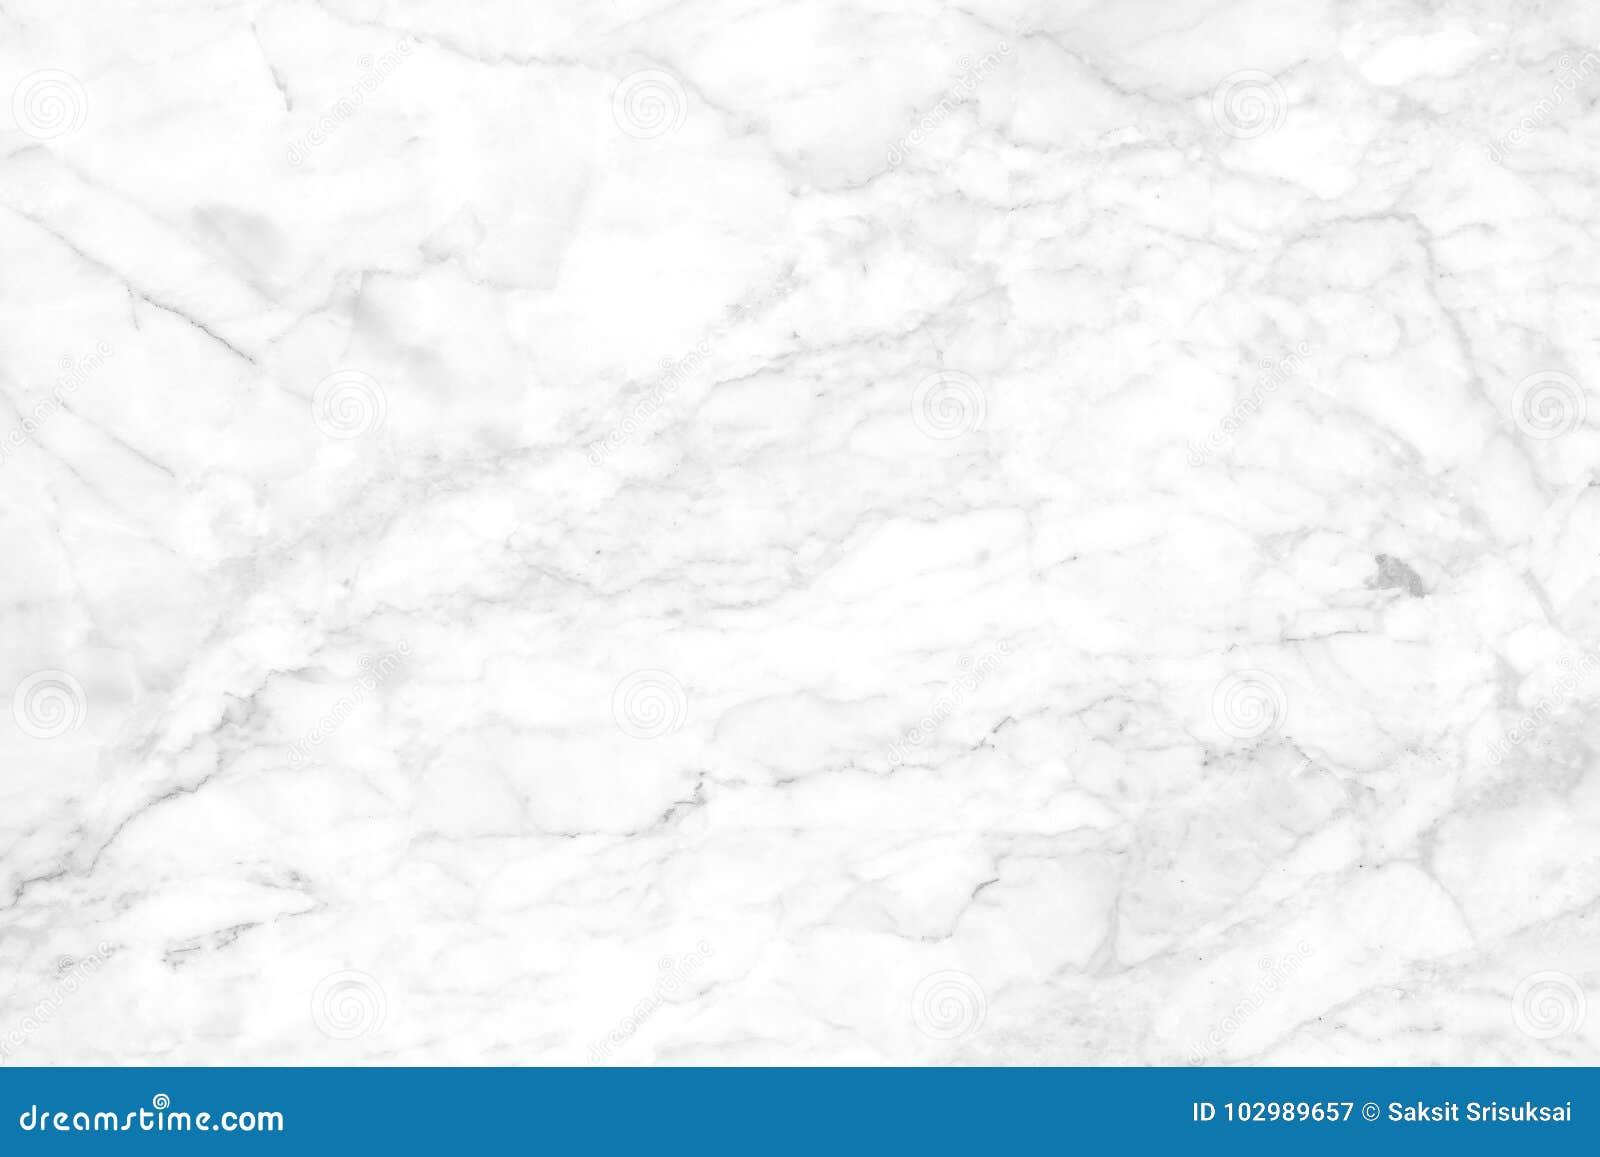 Fondo de mármol blanco de la textura Diseño de mármol del modelo de los interiores